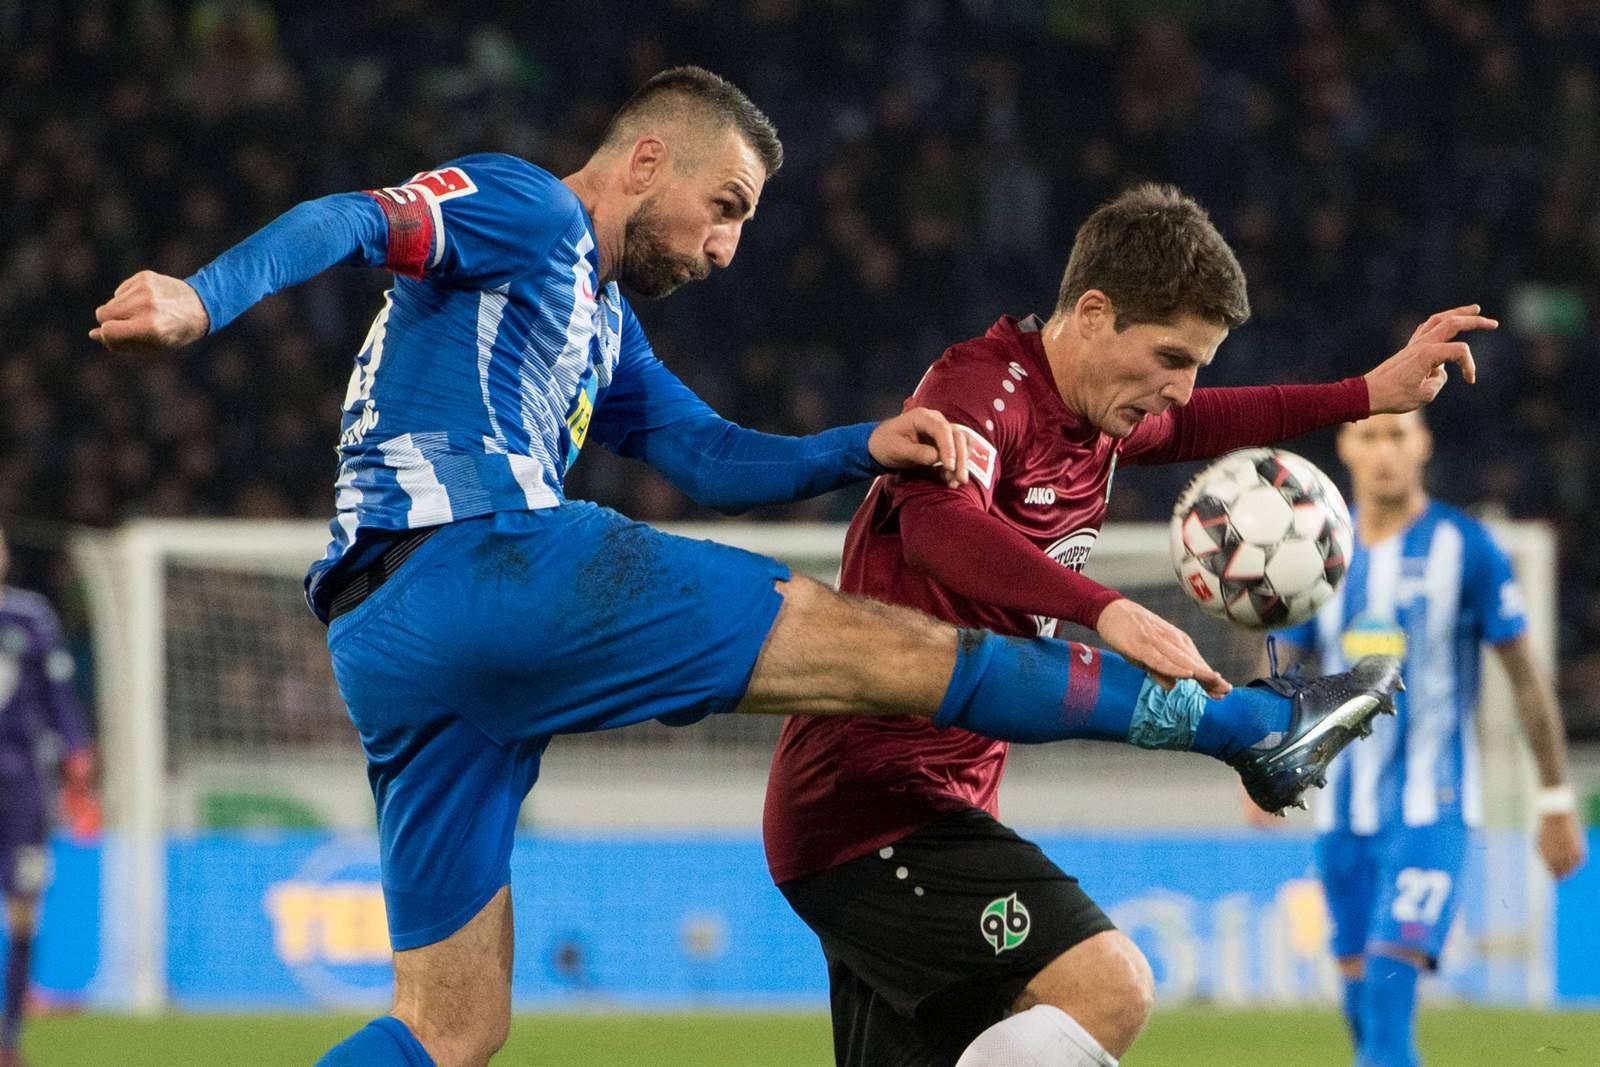 Wird es wieder ein Kampfspiel zwischen Vedad Ibisevic und Pirmin Schwegler? Jetzt auf Hertha gegen Hannover wetten!